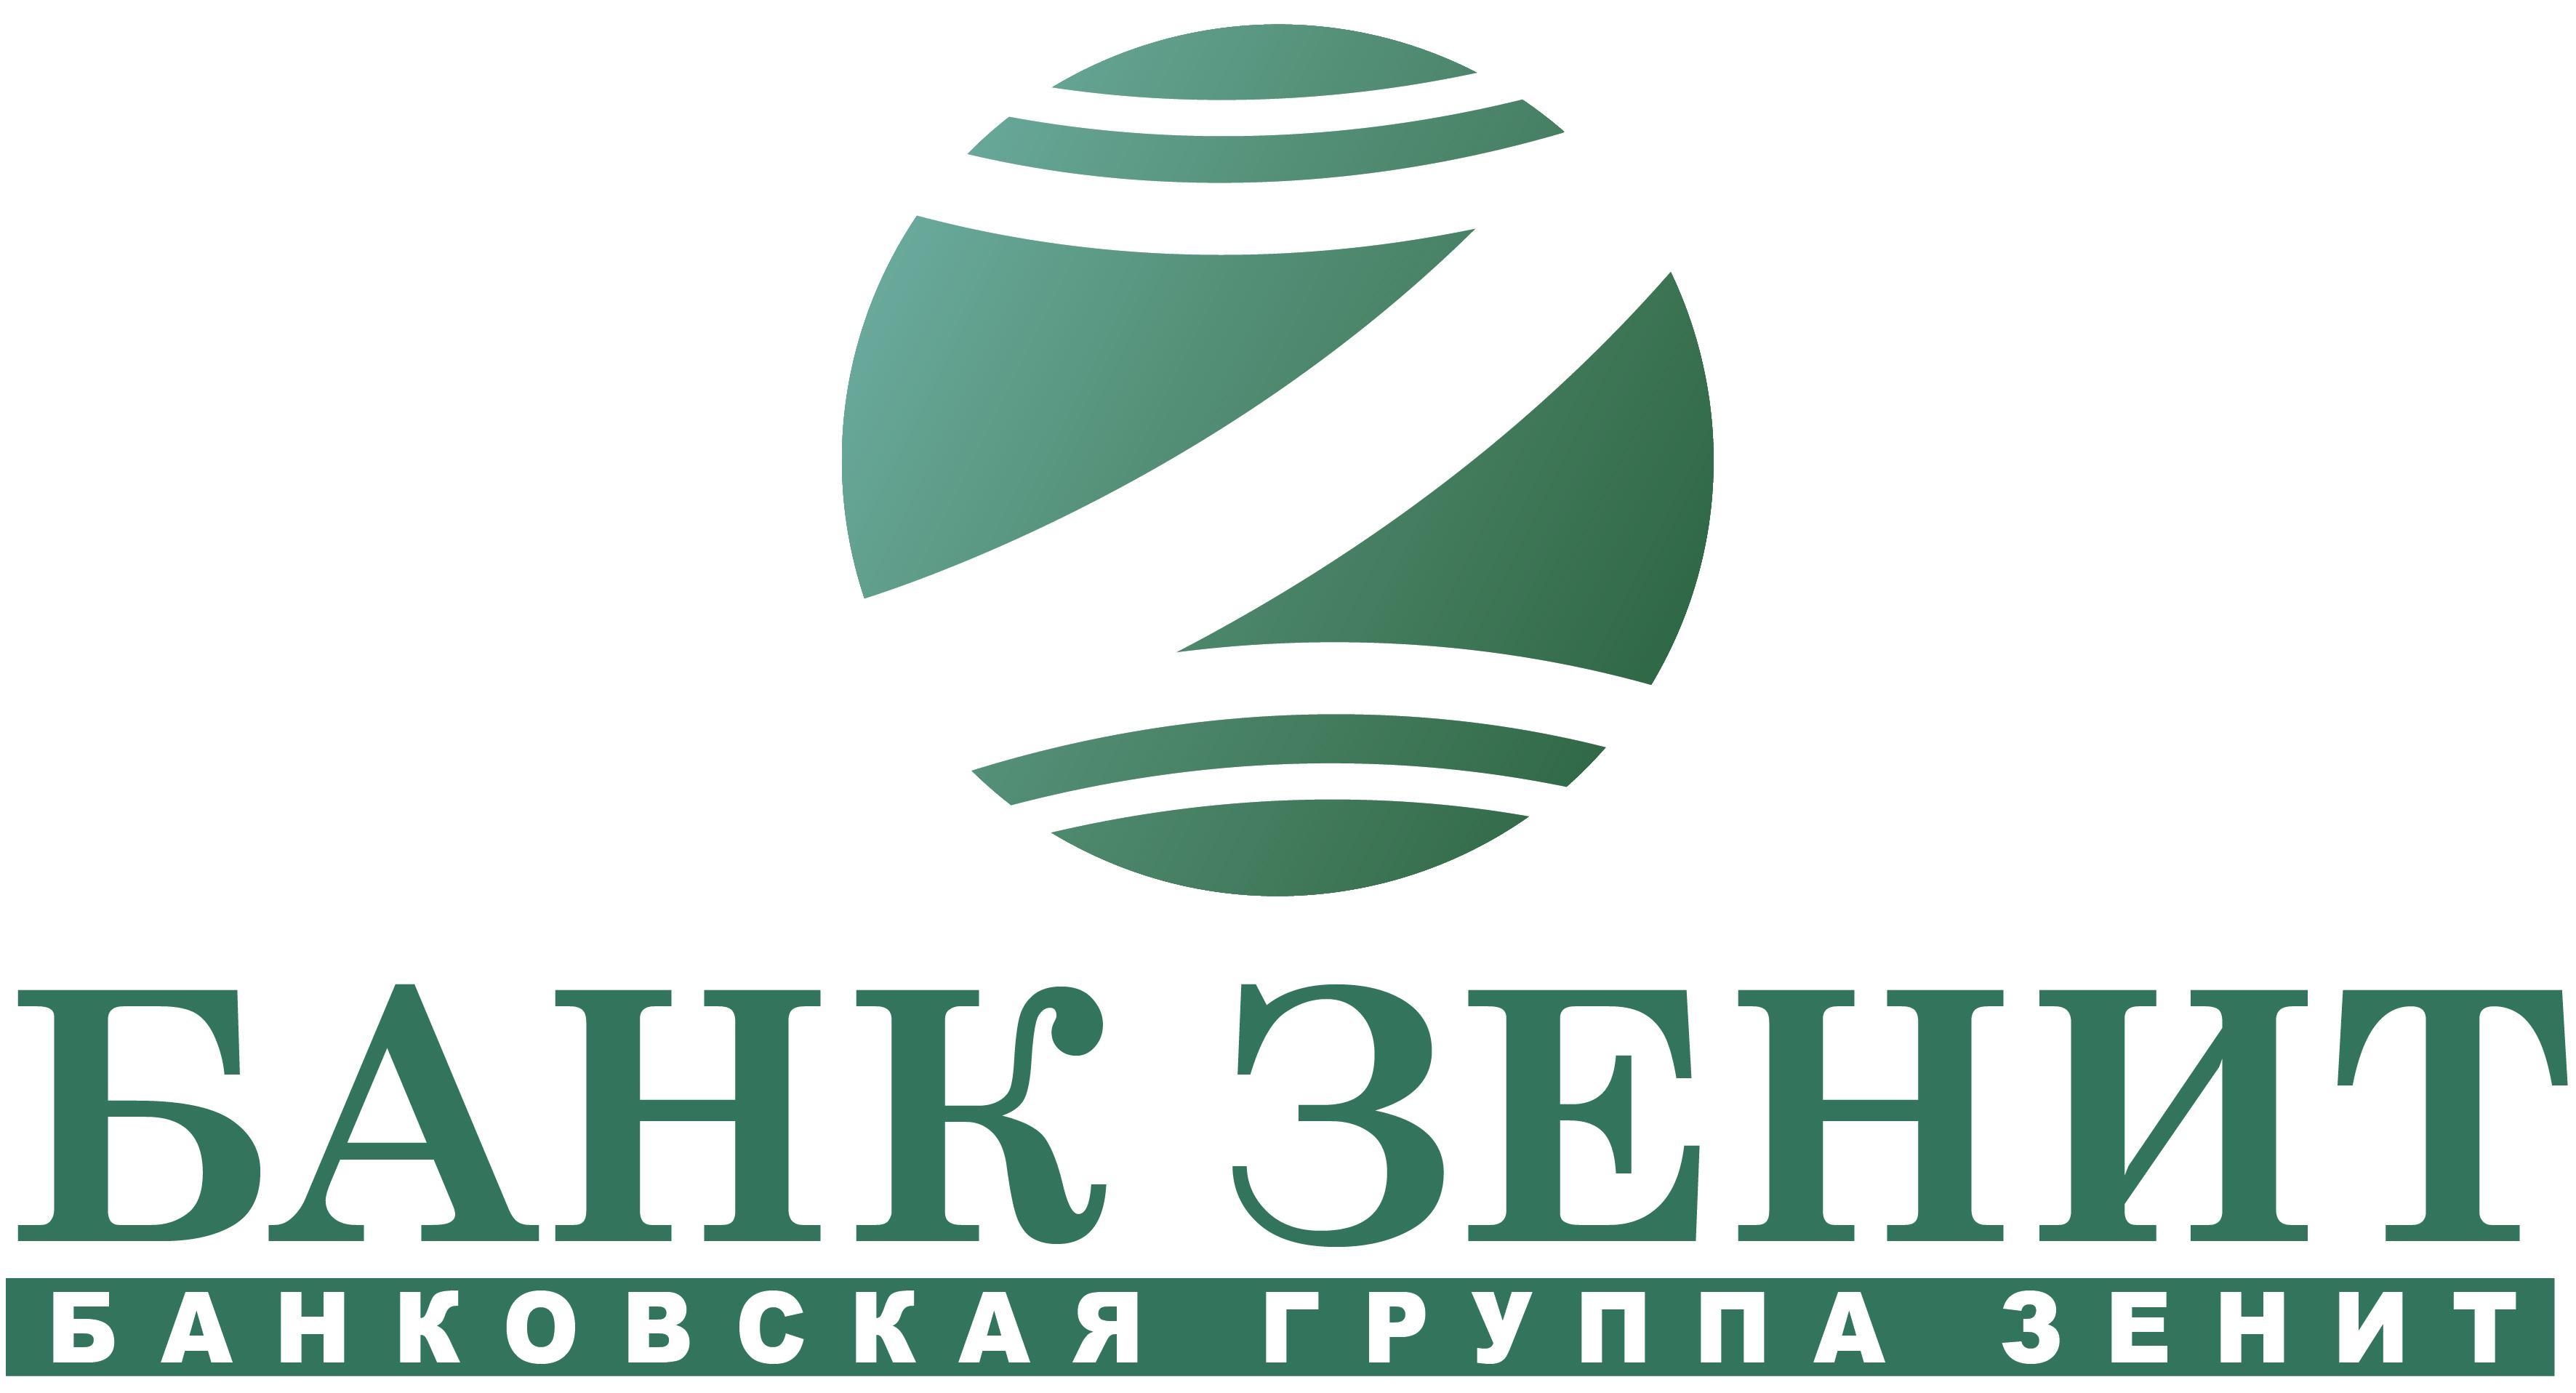 Разработка логотипа для Банка ЗЕНИТ фото f_6605b4c6a9456686.jpg